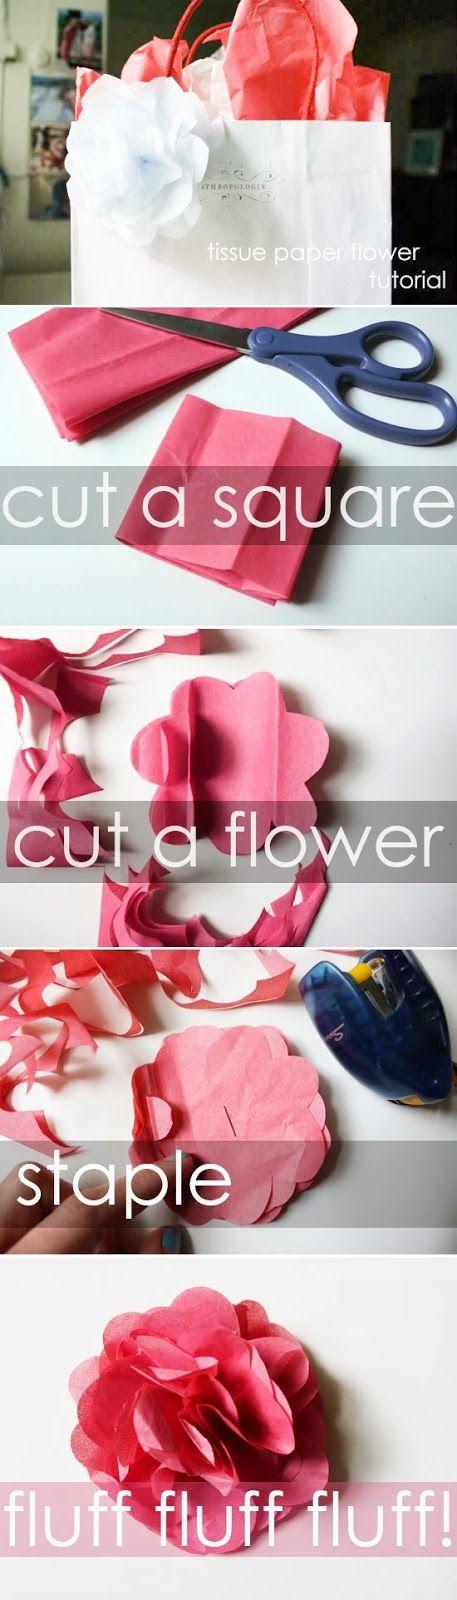 Easy DIY Crafts: Tissue paper flower